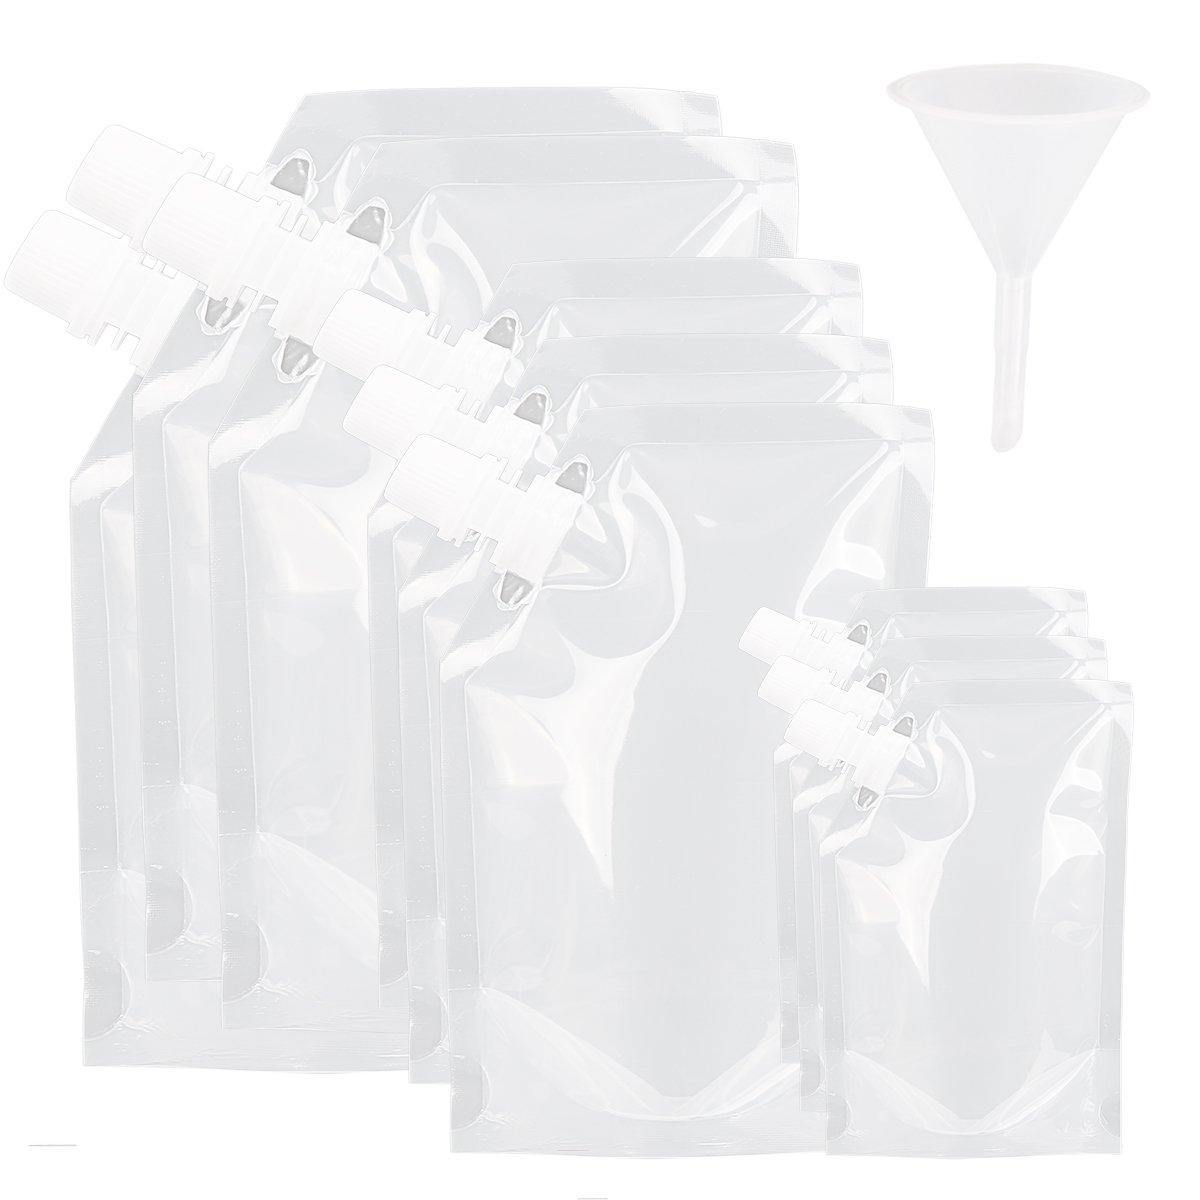 【驚きの値段】 freebily ml/420ml/1000ml 9ピースプラスチックDrinks Flasks LiquorポーチConcealable再利用可能な飲酒ポーチFlasks 235 with Plastic Funnel 235 ml with/420ml/1000ml B07DVT6N3N, 【激安大特価!】 :922a8074 --- a0267596.xsph.ru